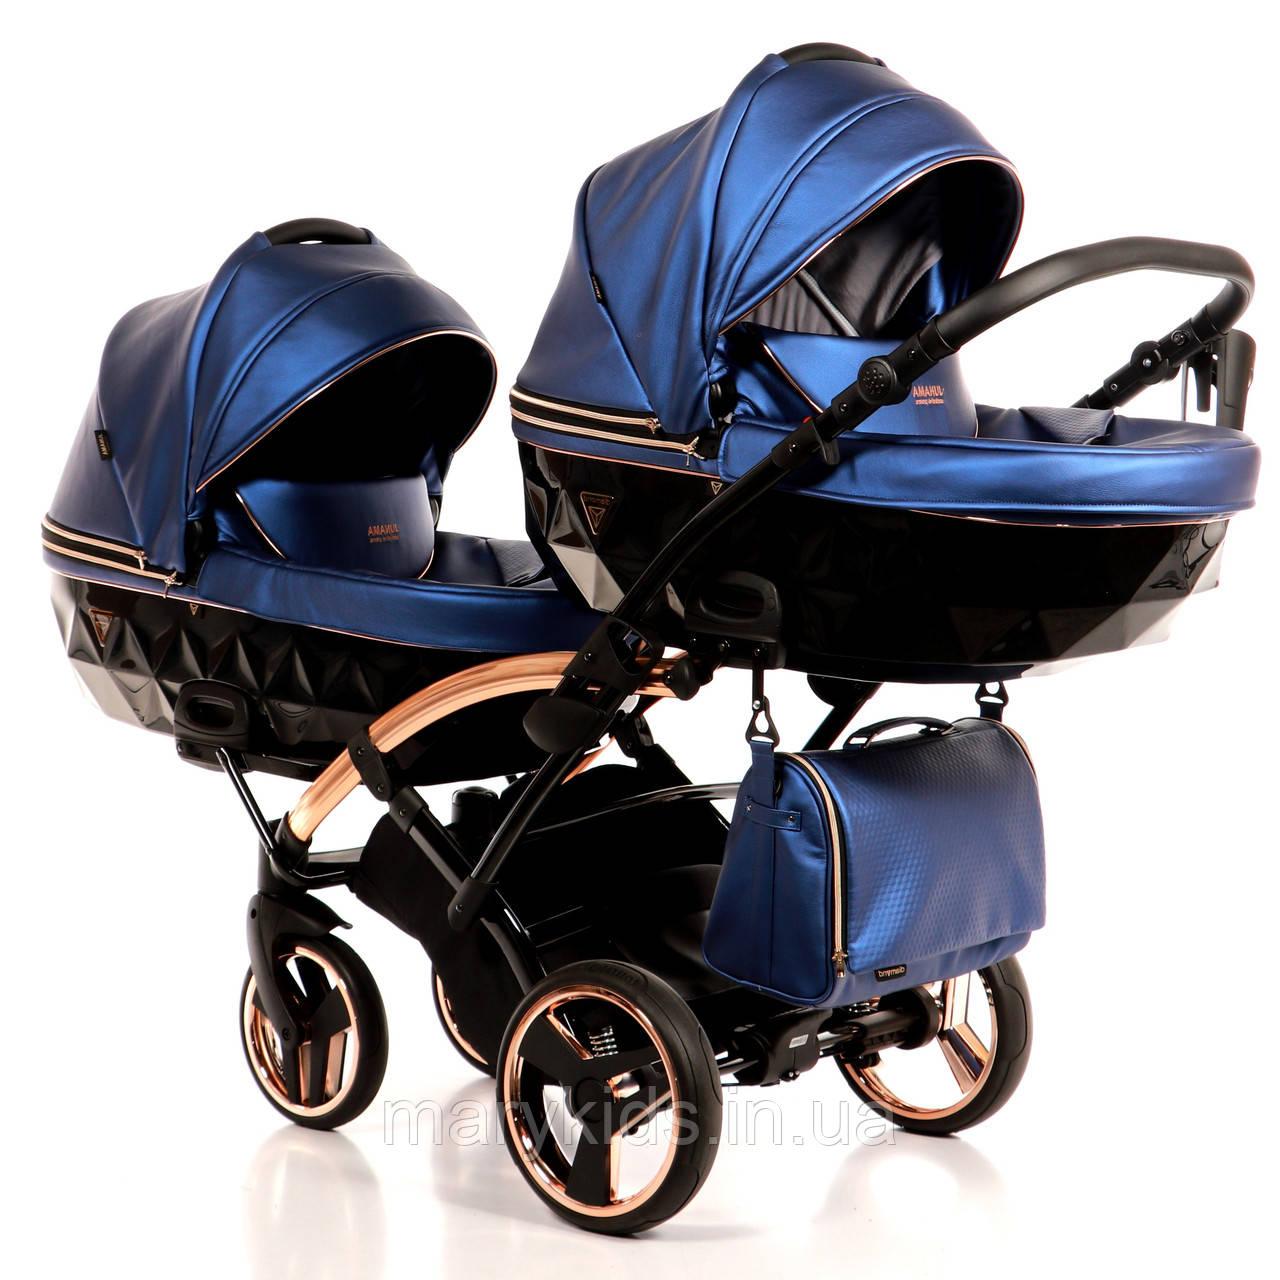 Детская универсальная коляска для двойни Junama Diamond Fluo Line Duo Slim